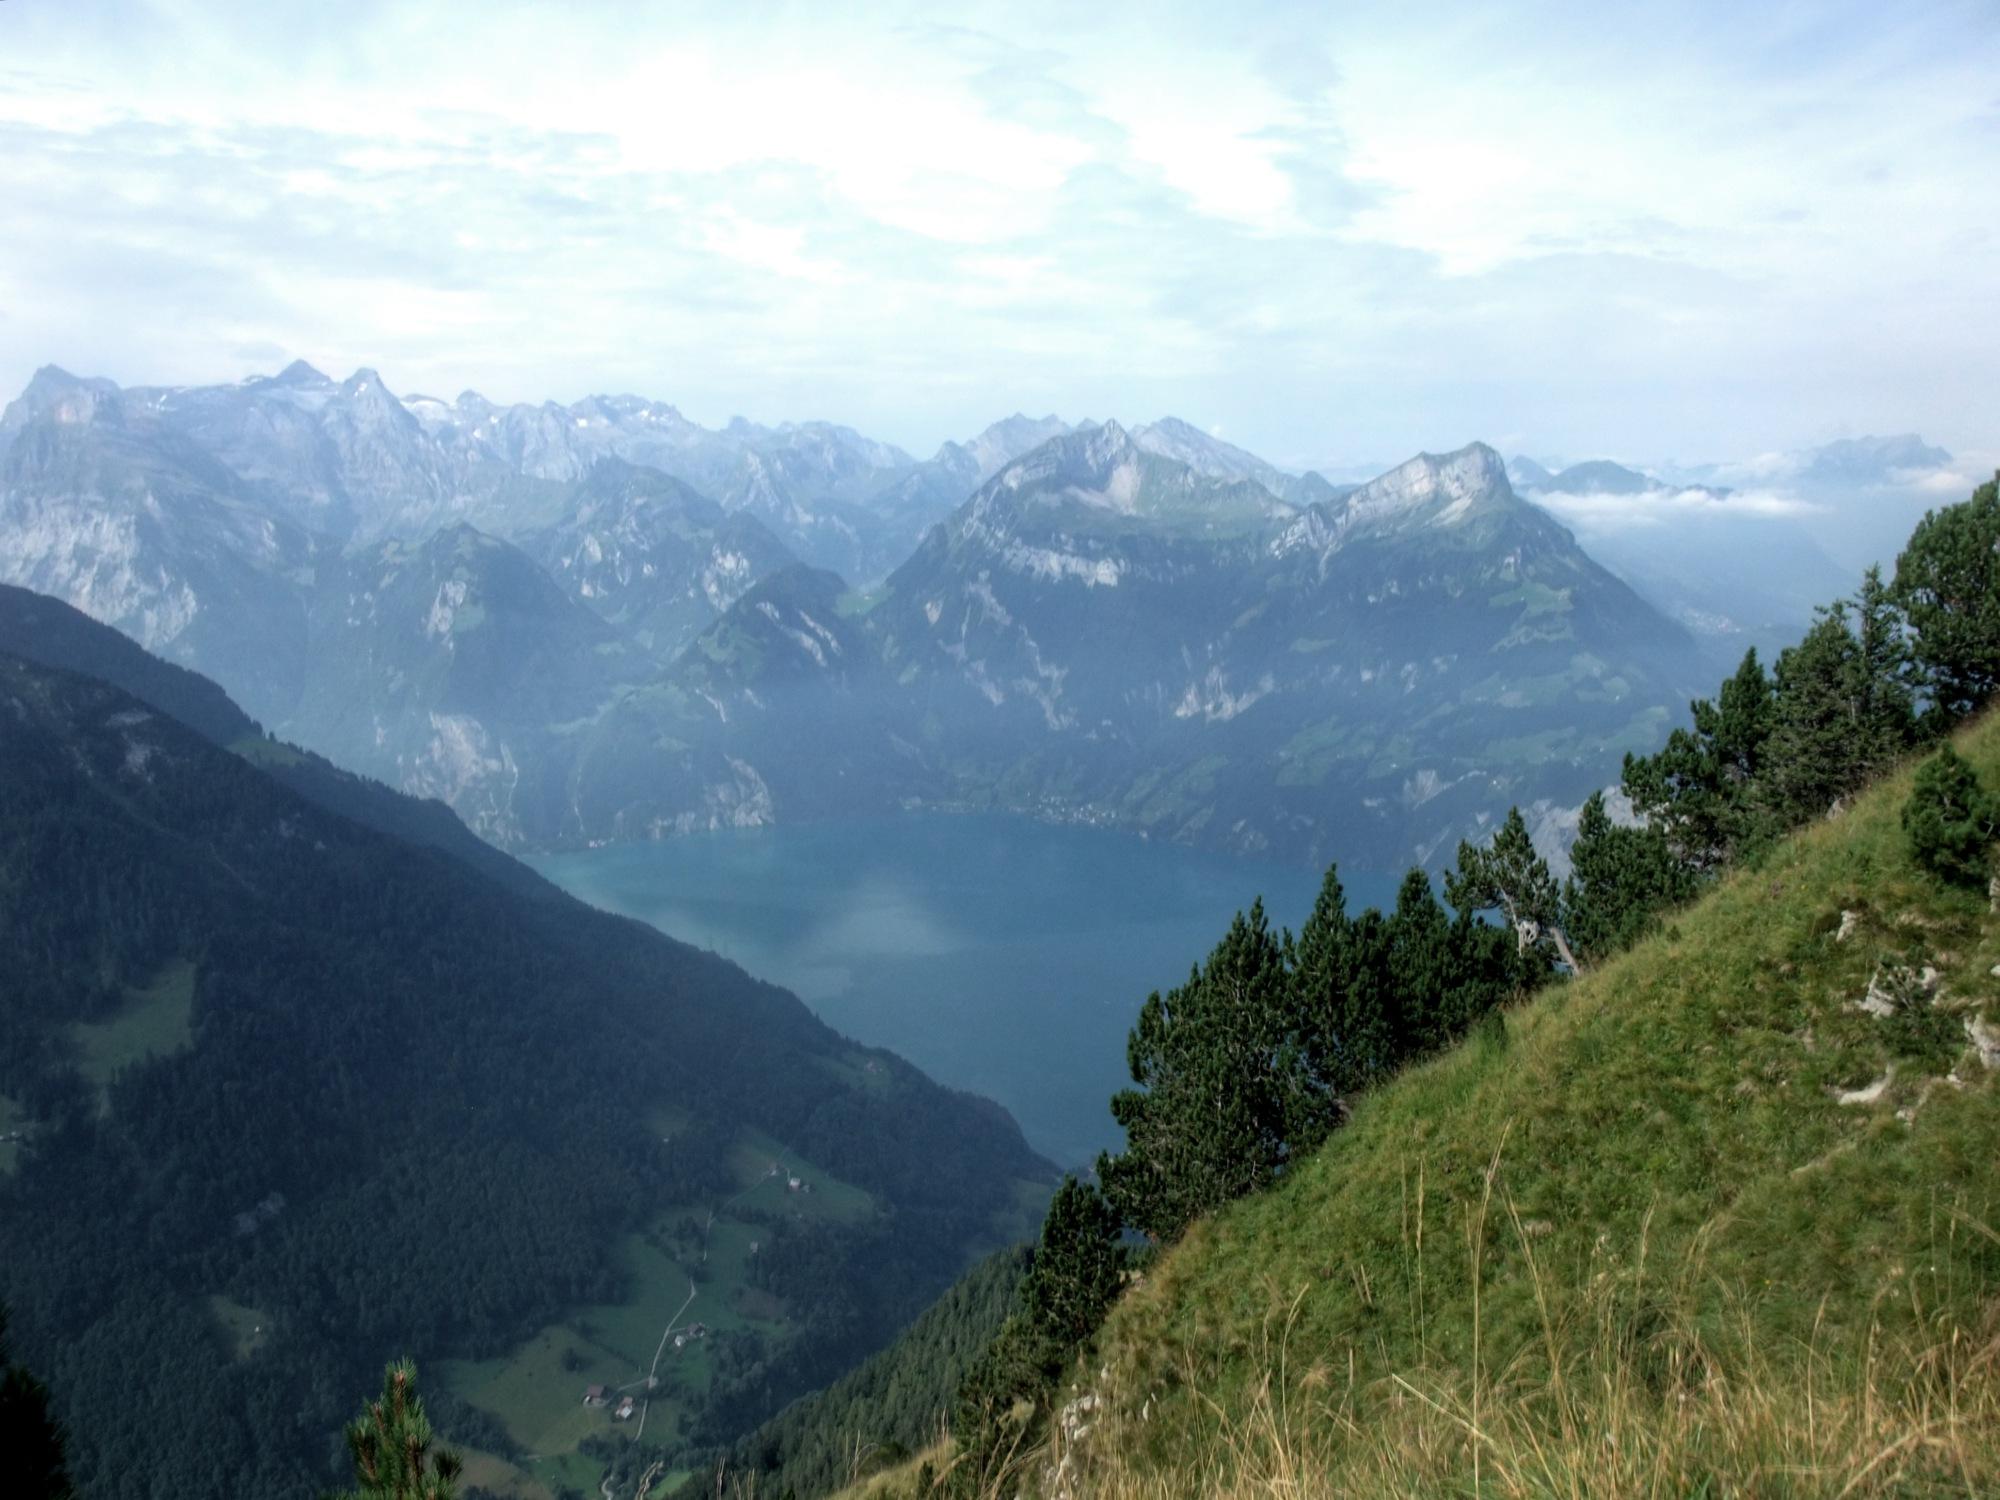 Unten der Vierwaldstättersee, gegenüber jede Menge Berge.